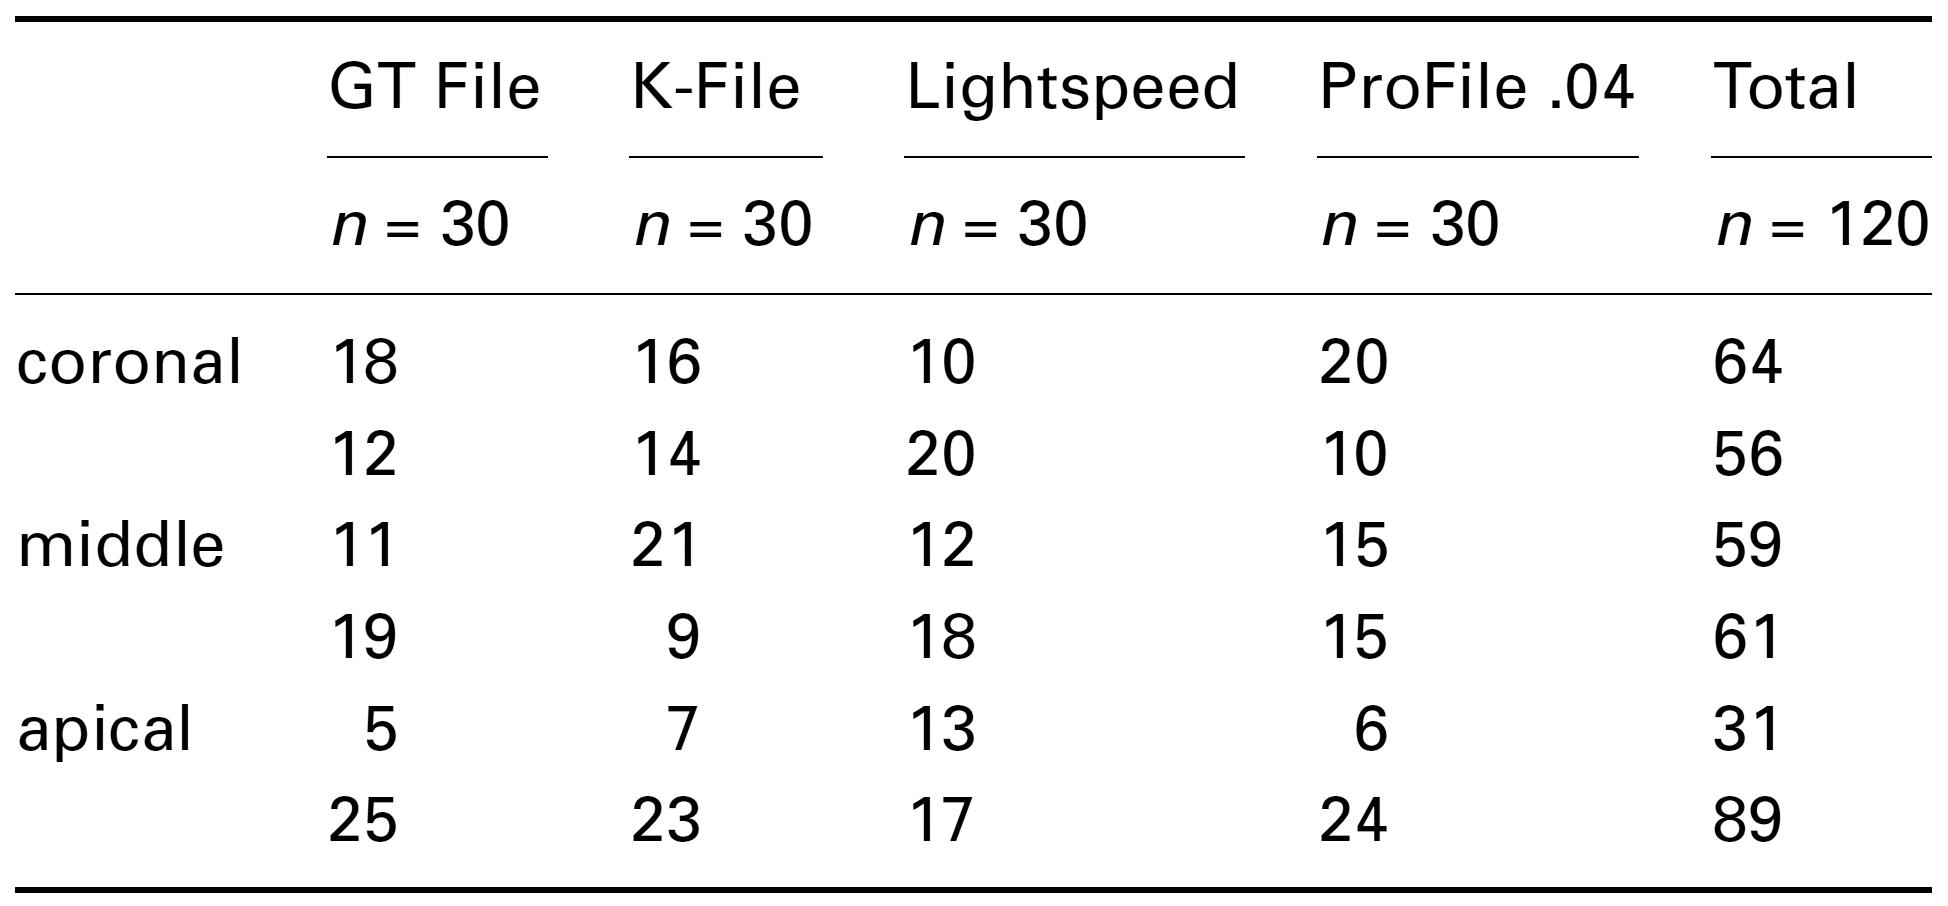 NiTiファイルの有効性についての文献